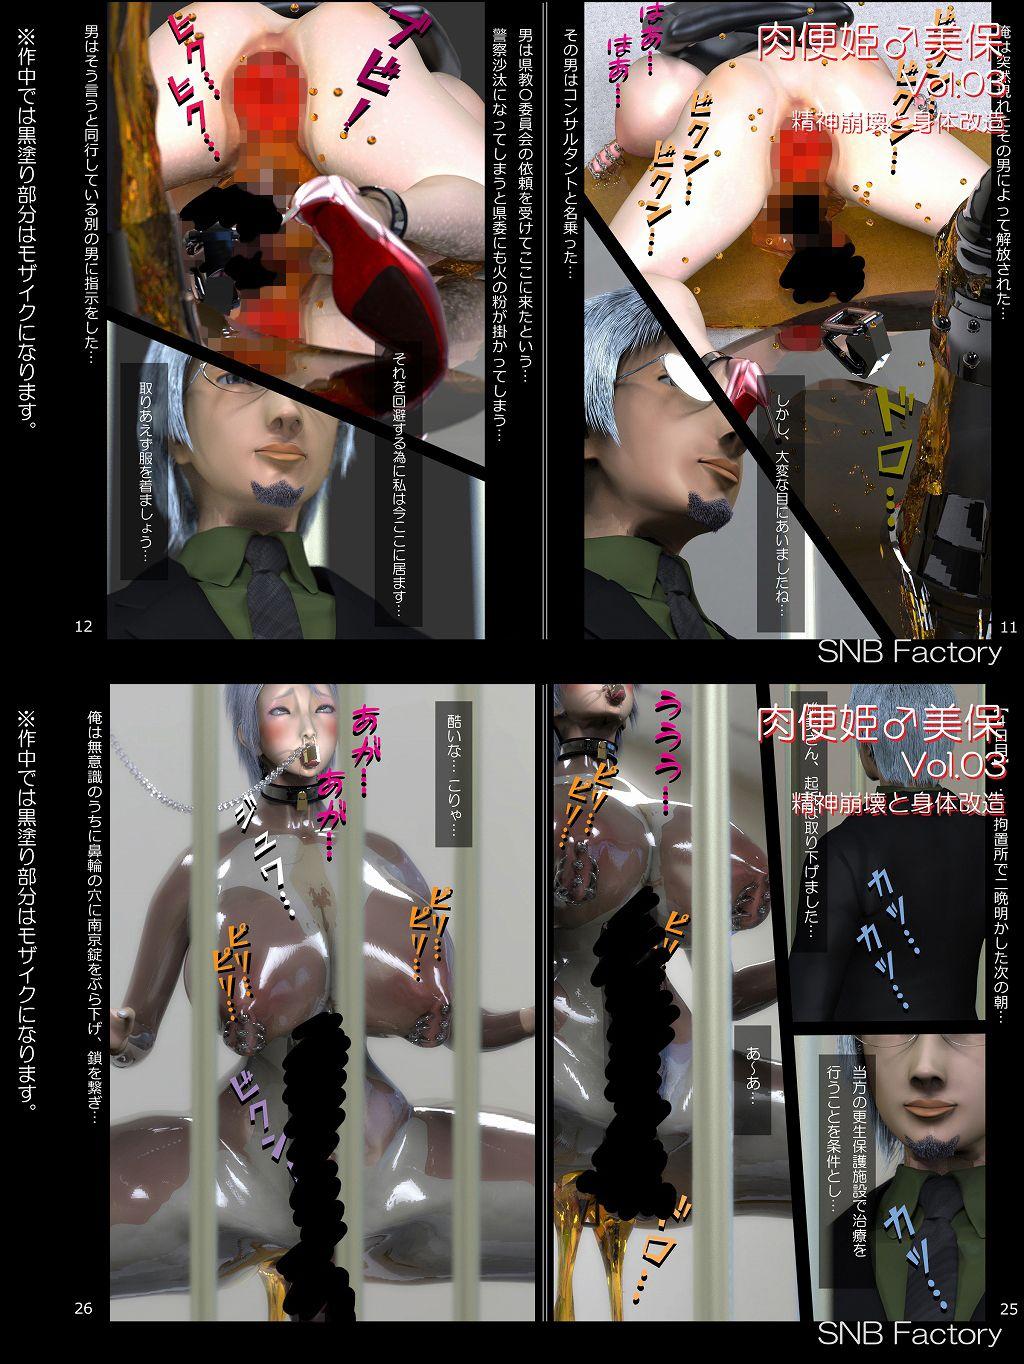 肉便姫♂美保vol.03[精神崩壊と身体改造]